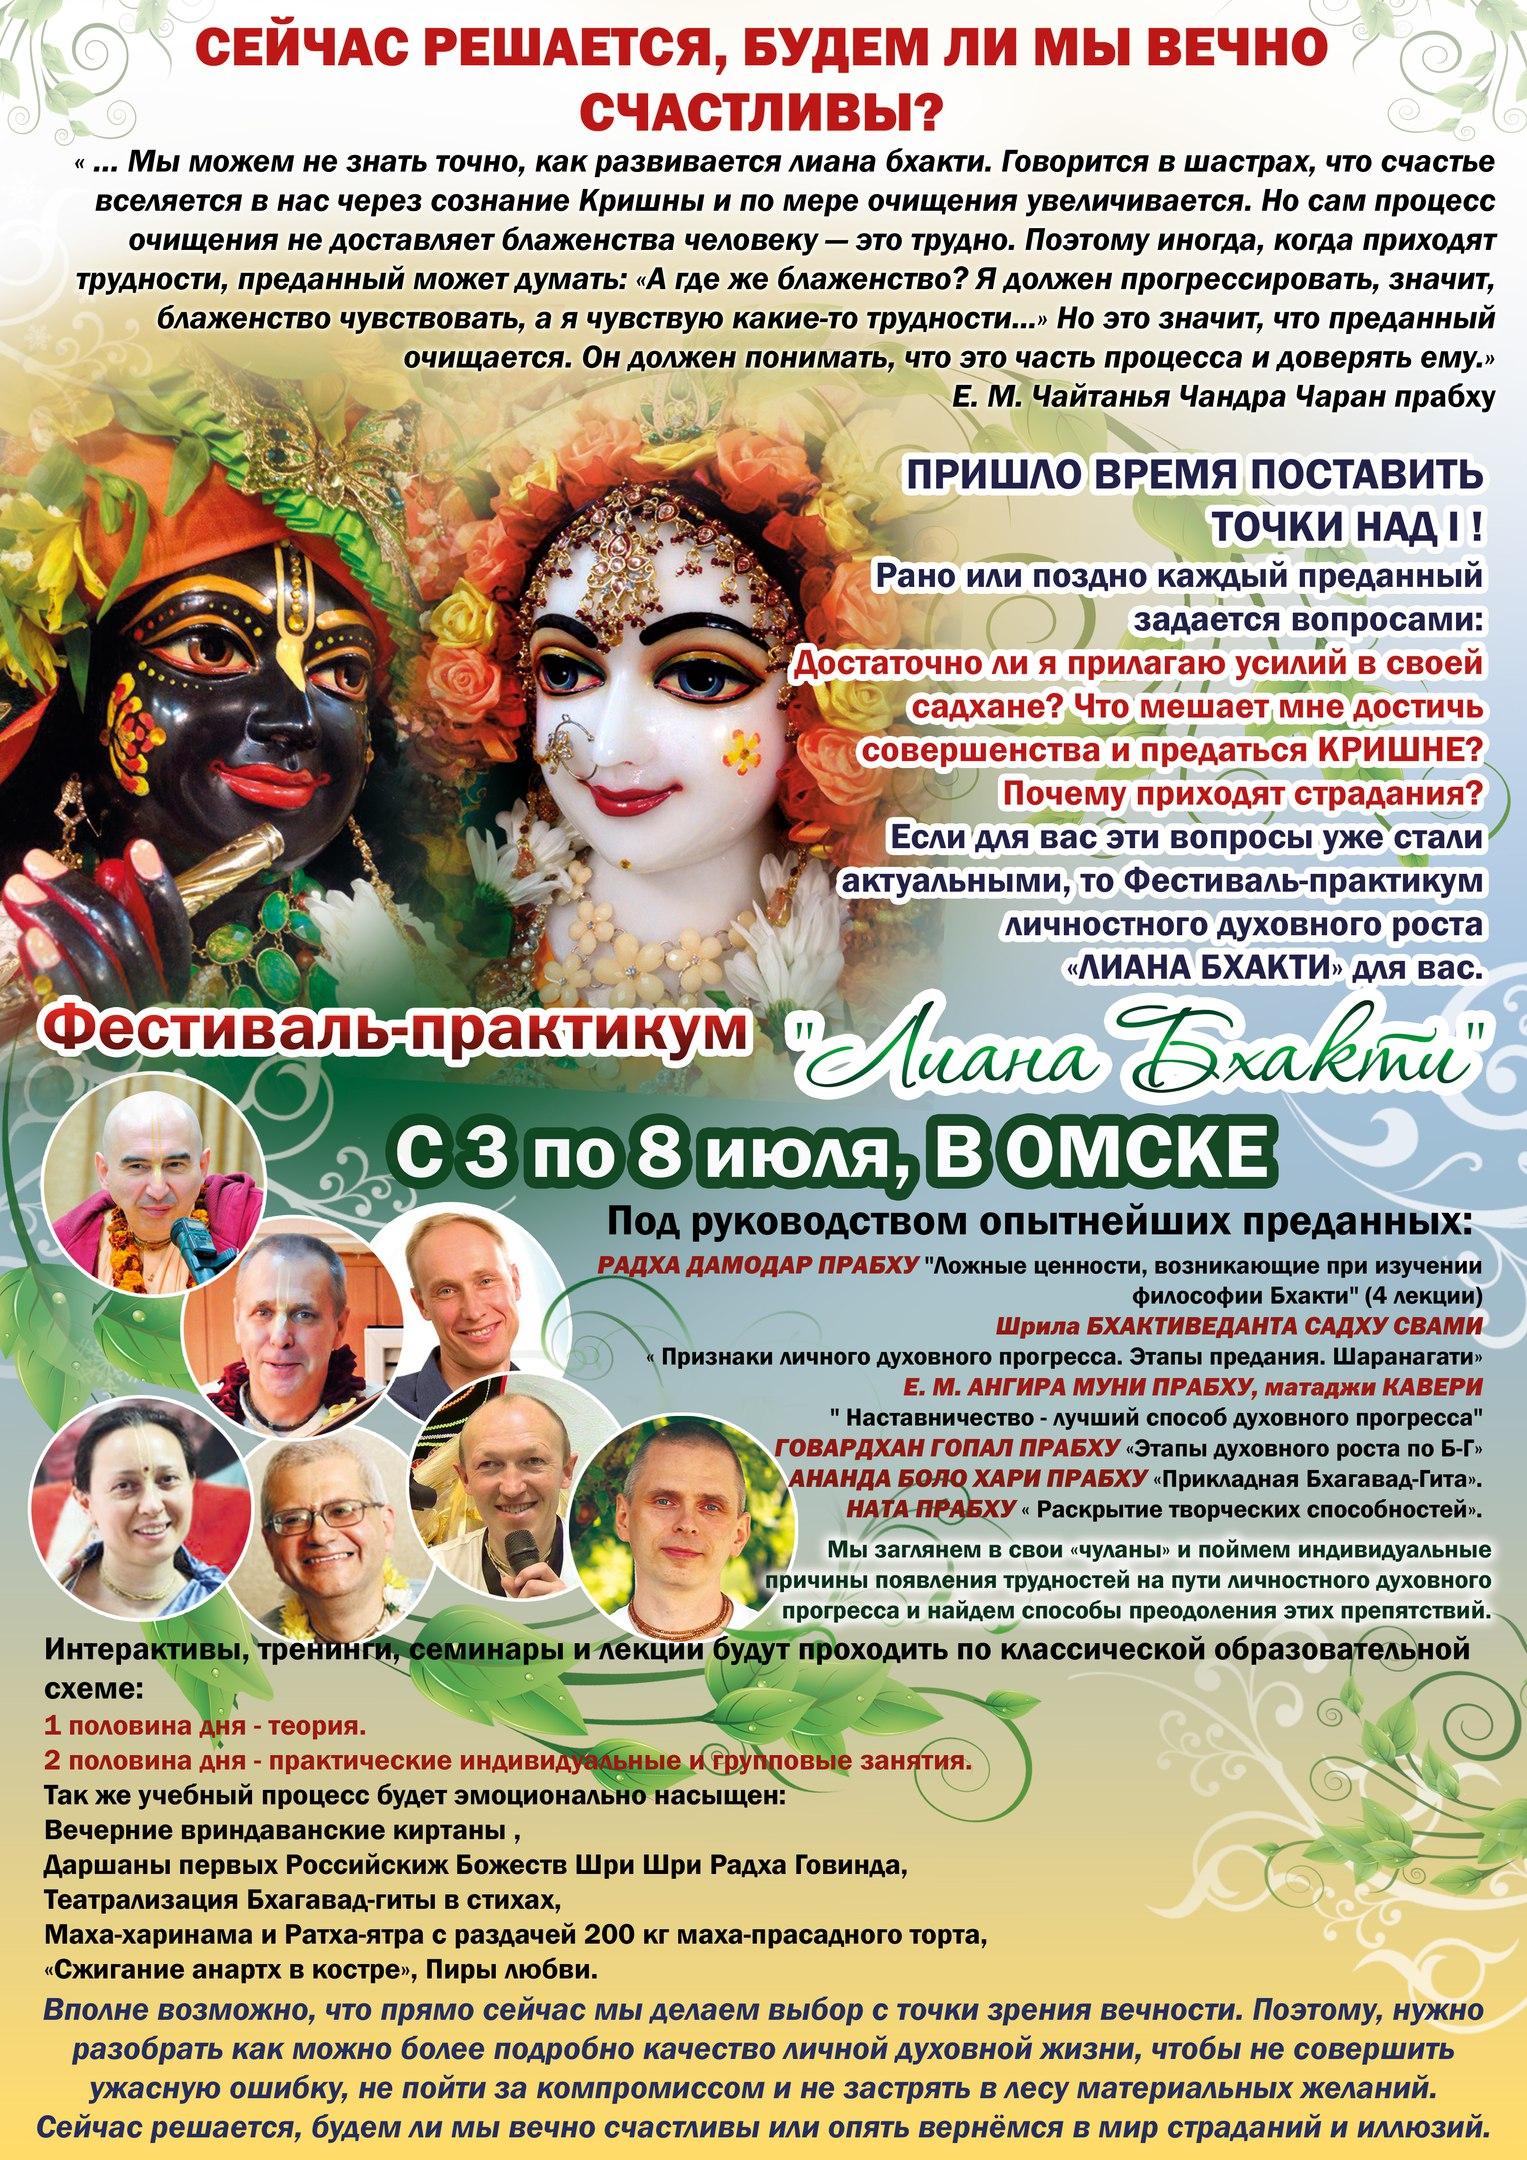 Фестиаль-практикум «Лиана Бхакти» в Омске с Бхактиведанта Садху Свами